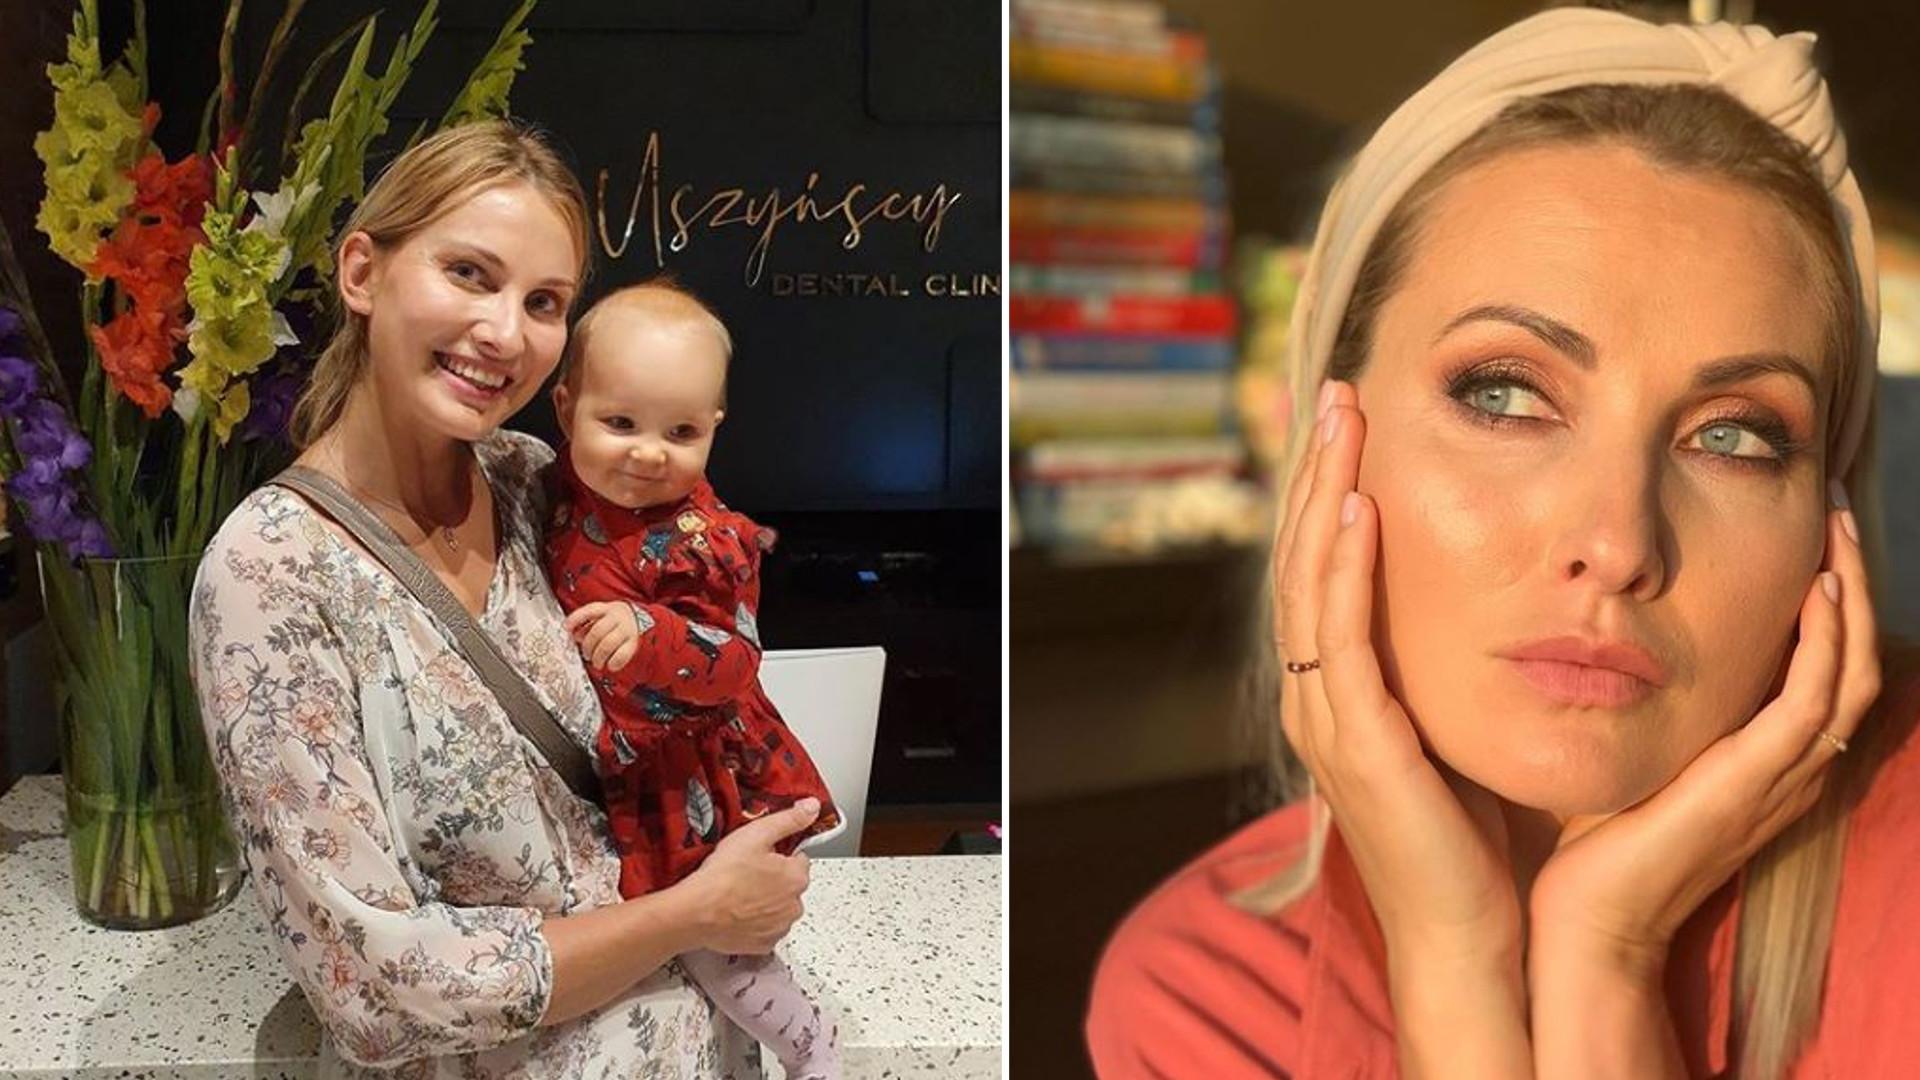 """Joanna Moro w NAGIEJ sesji zdjęciowej z córką: """"Jak można występować z dzieckiem w ten sposób"""""""